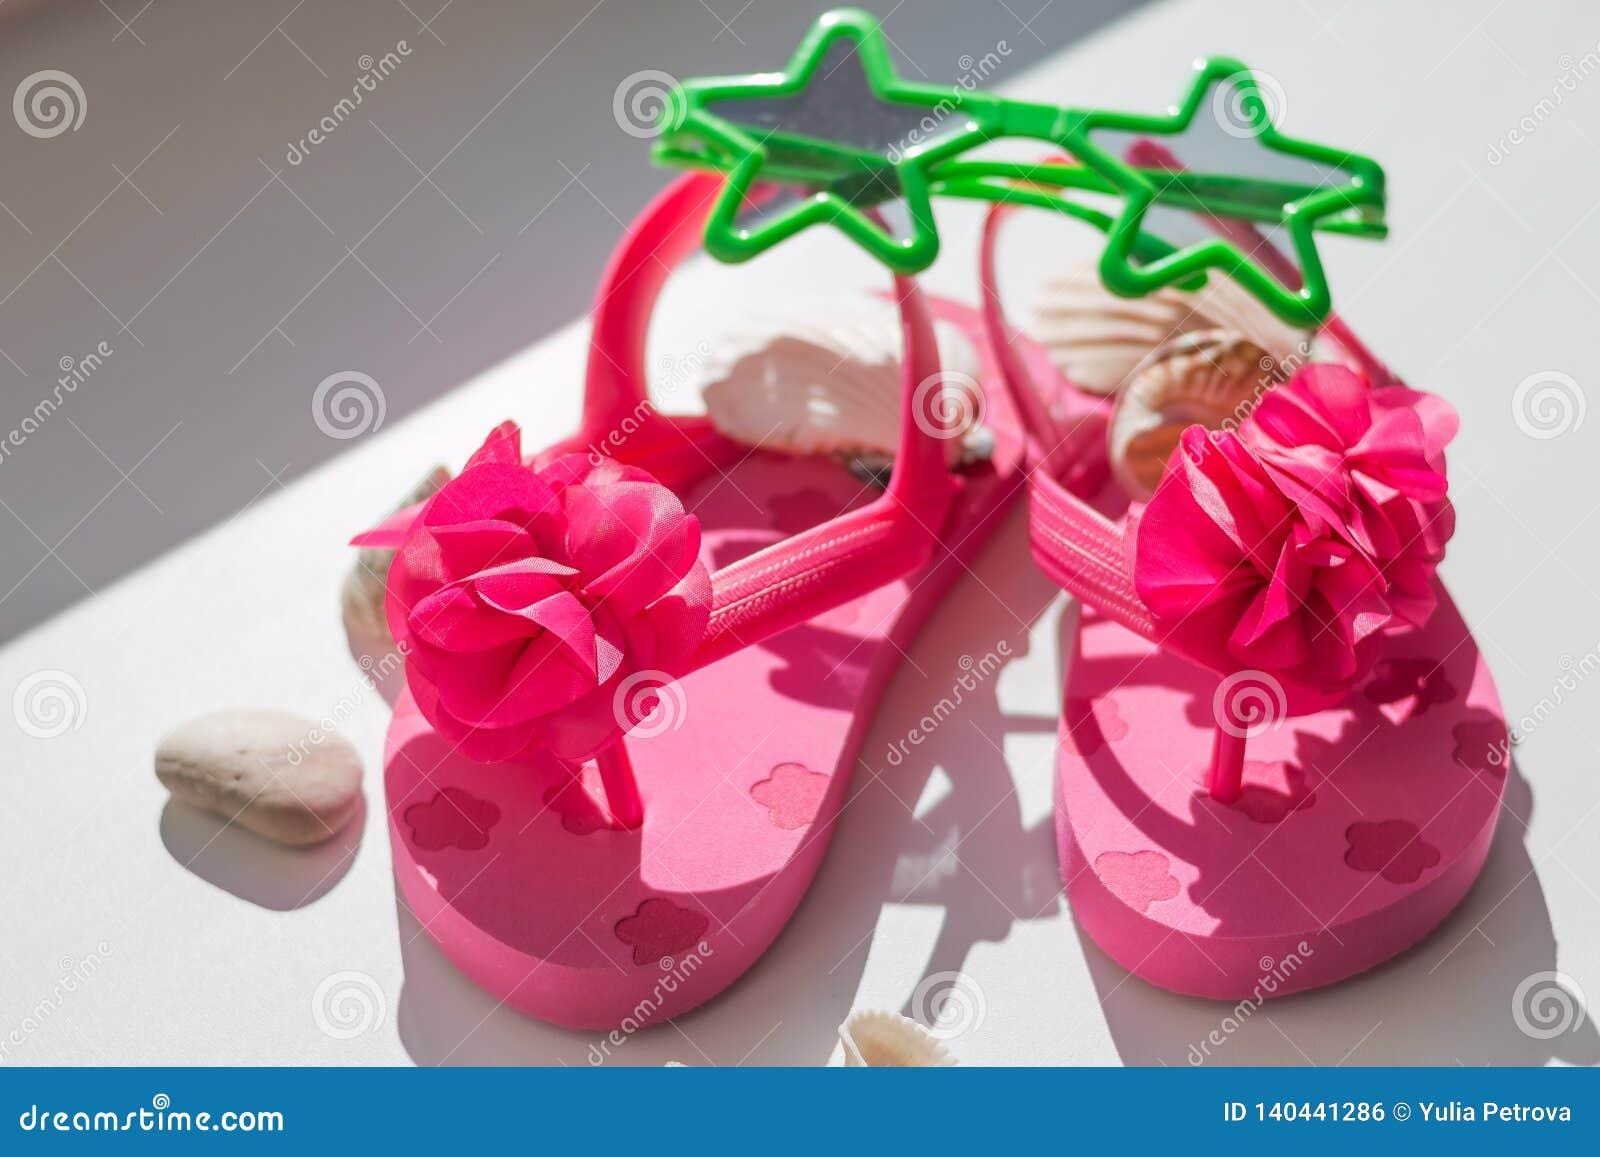 43b7236c68e21 Chaussures roses d été pour des pantoufles d enfants